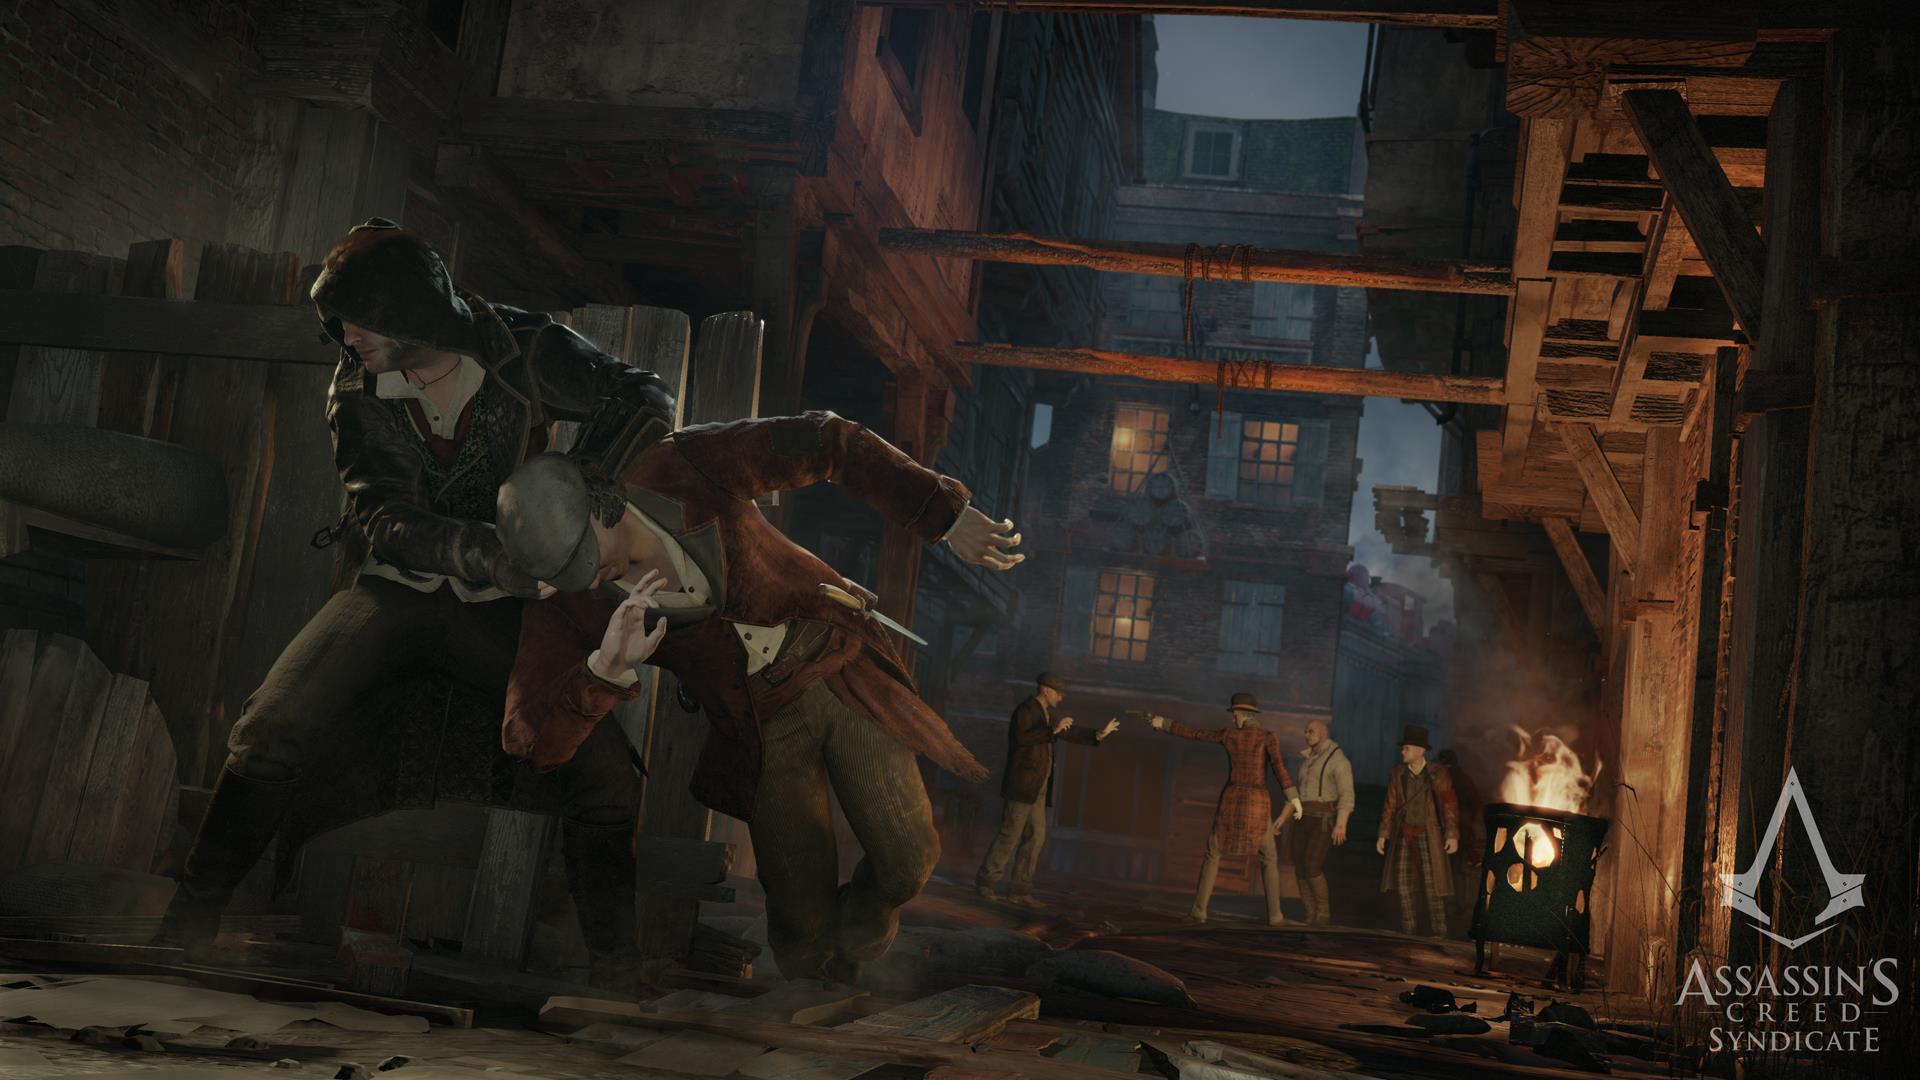 Почему Assassin's Creed Syndicate лучше чем Ведьмак 3. - Изображение 4